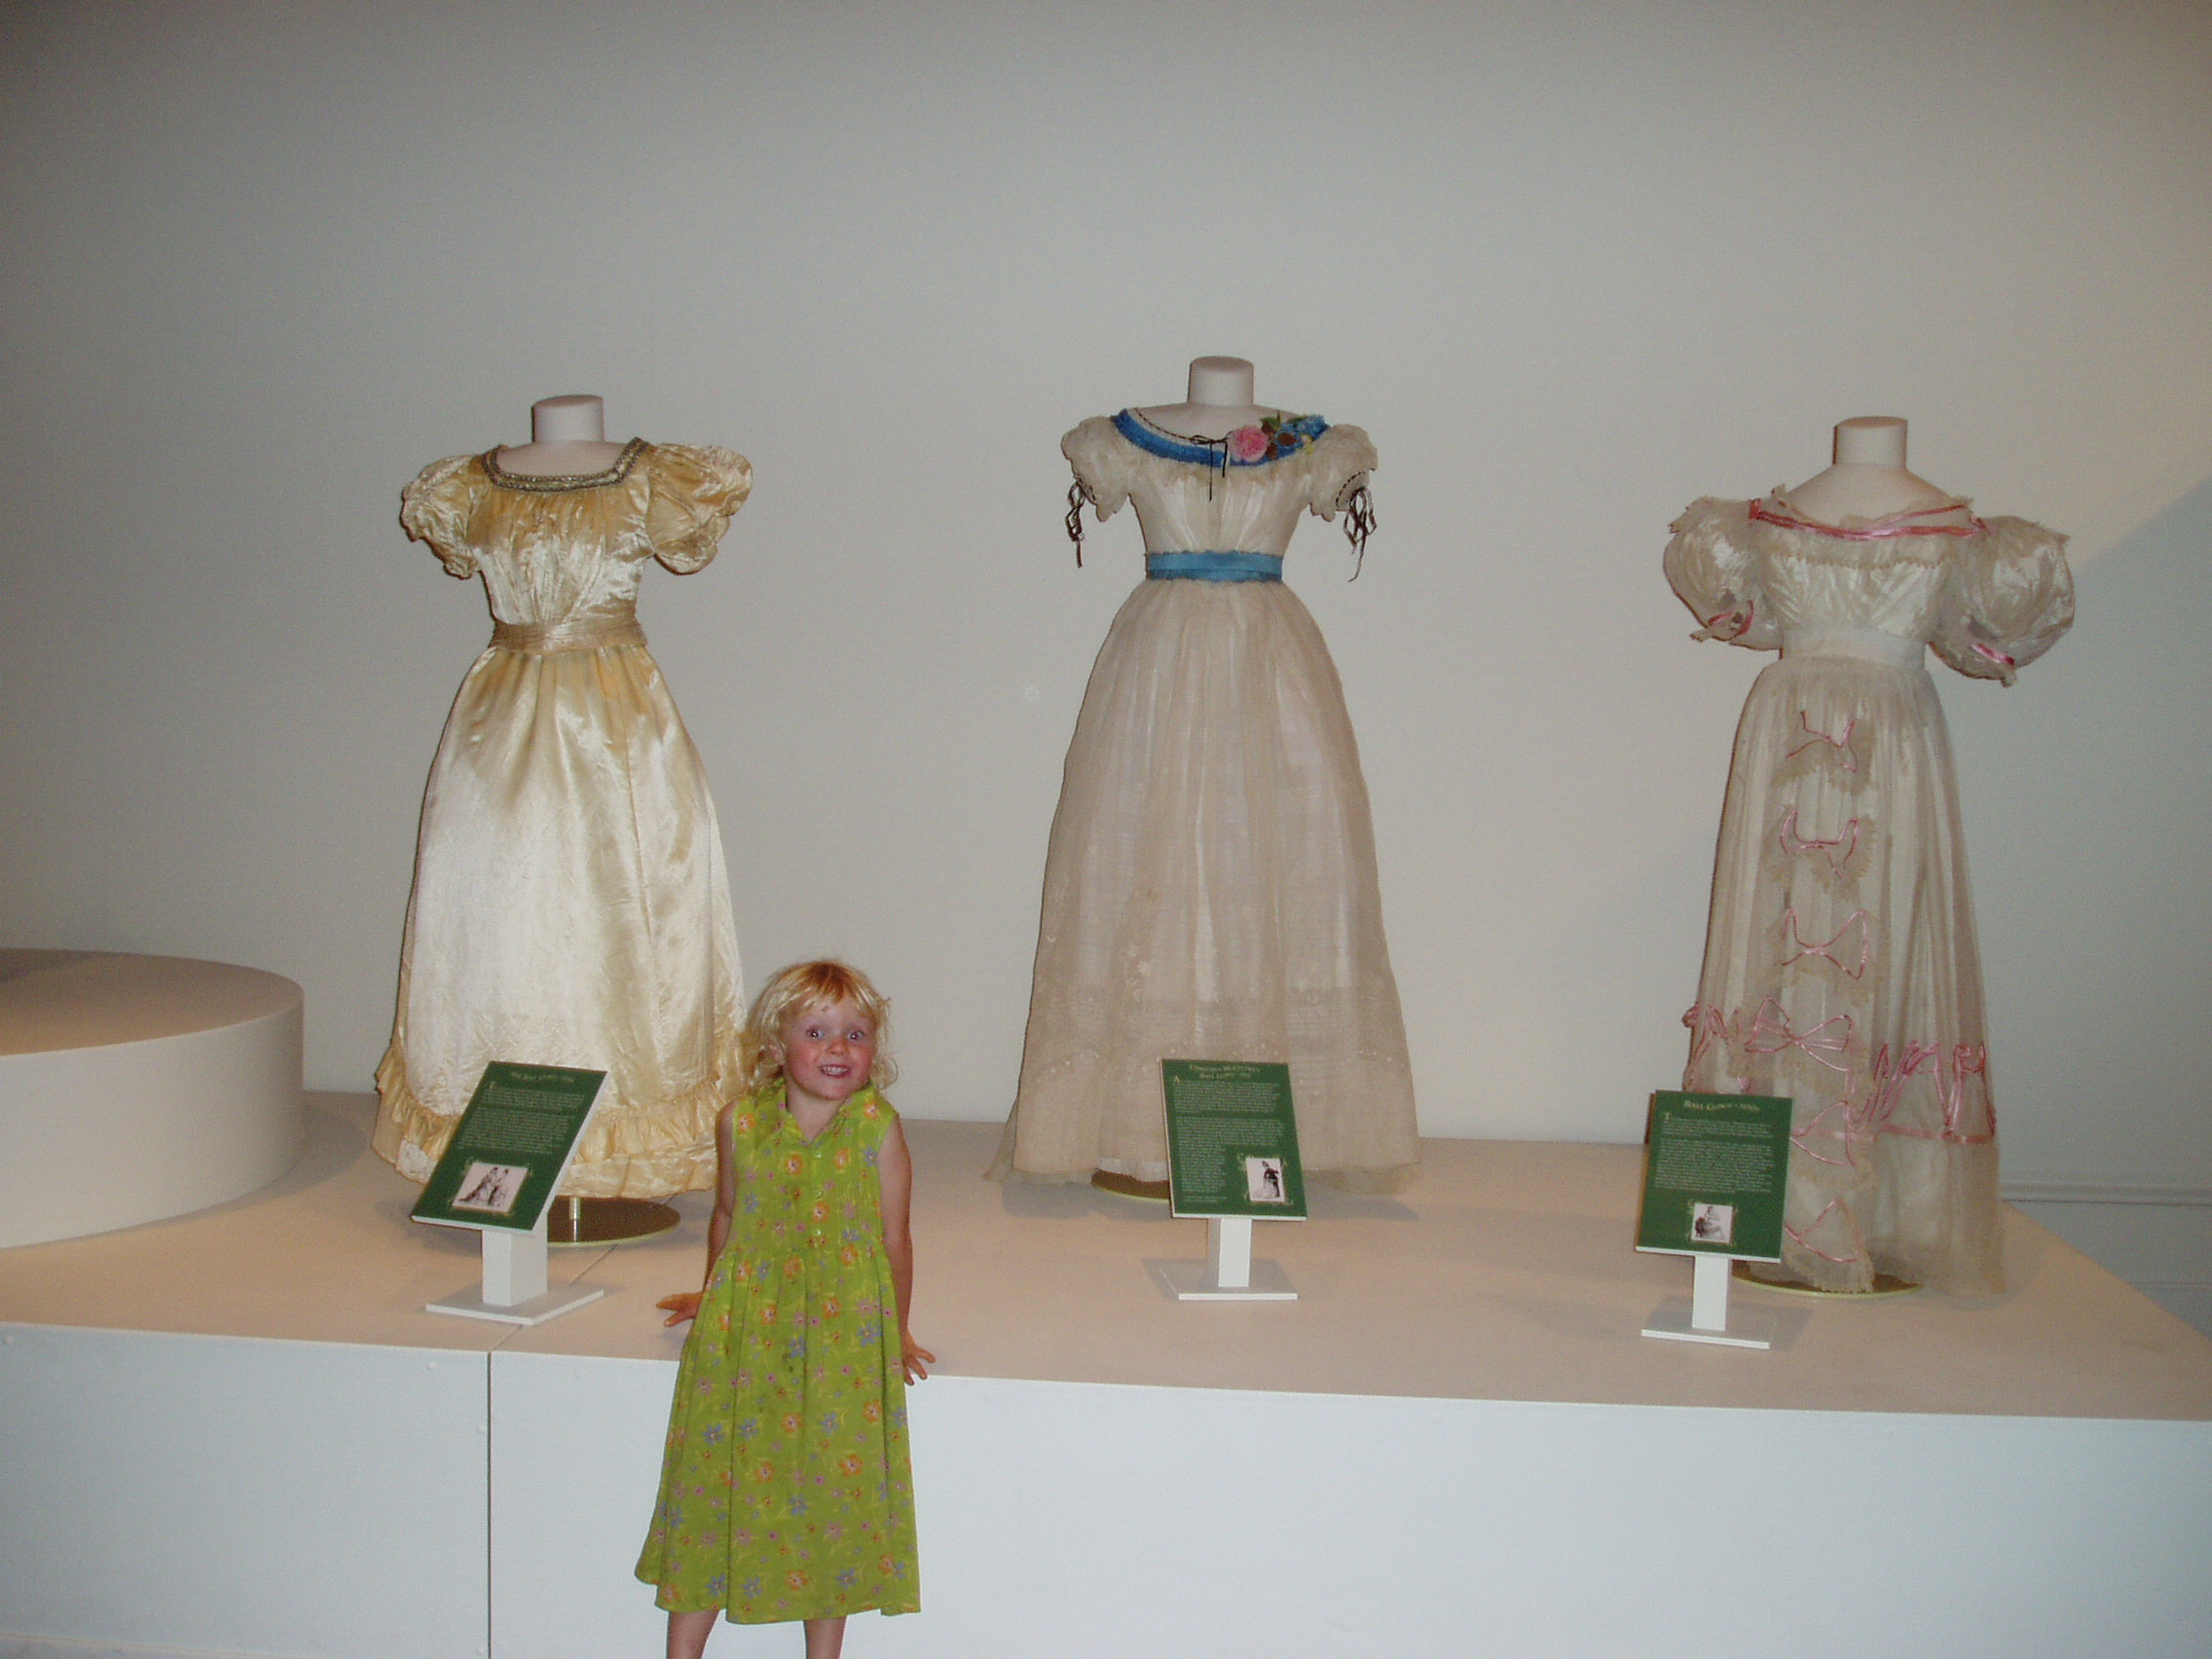 Pretty dresses in 2004